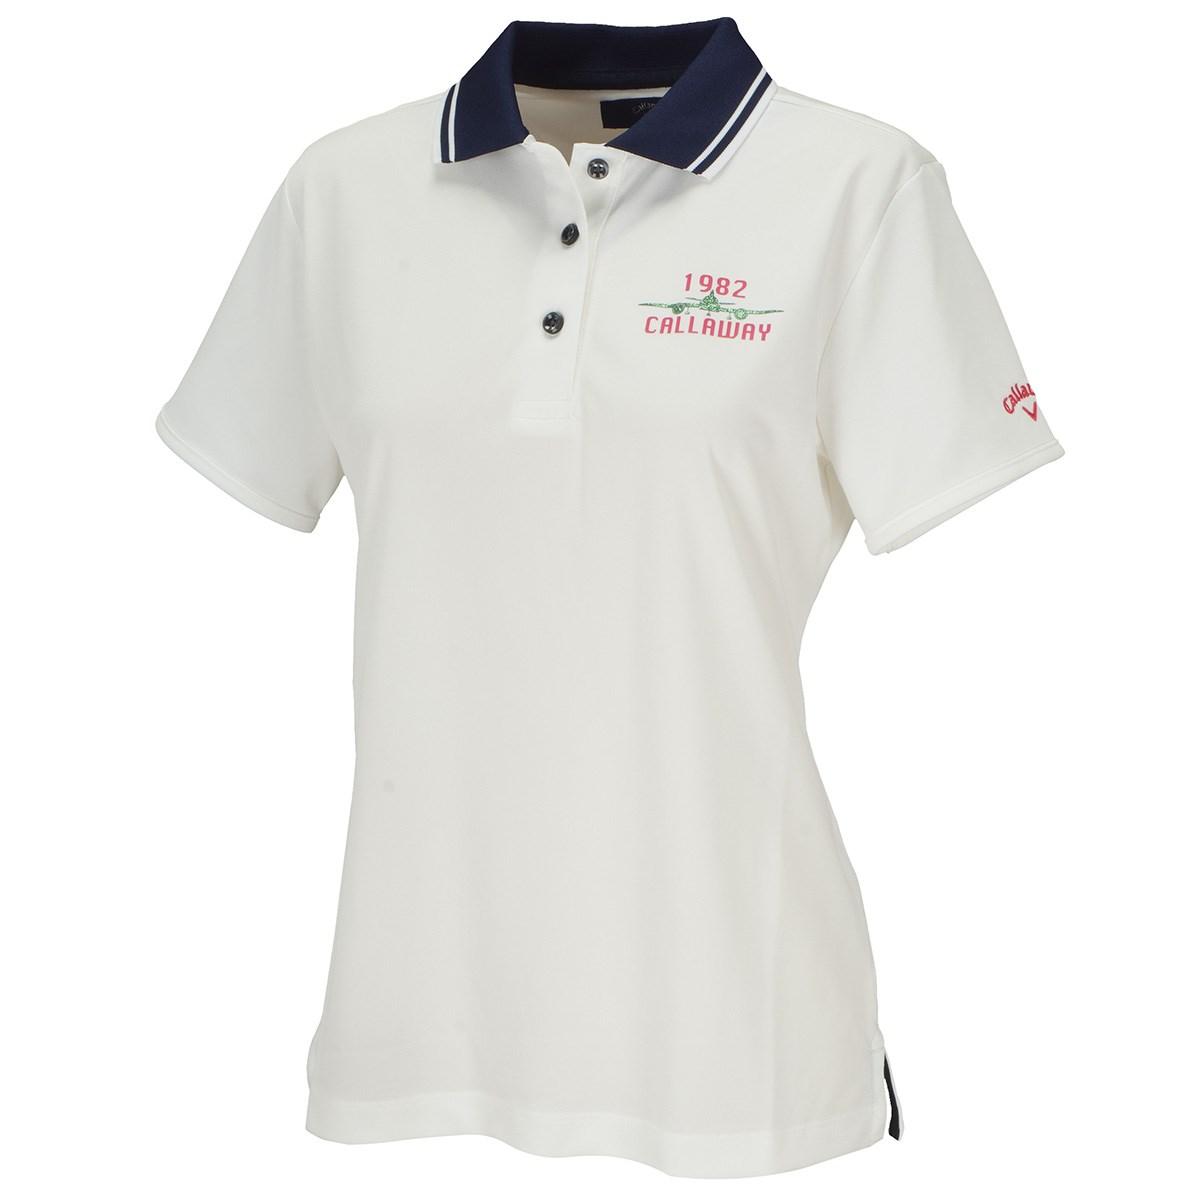 キャロウェイゴルフ Callaway Golf LOTUS MAGIC 半袖ポロシャツ M ホワイト 030 レディス